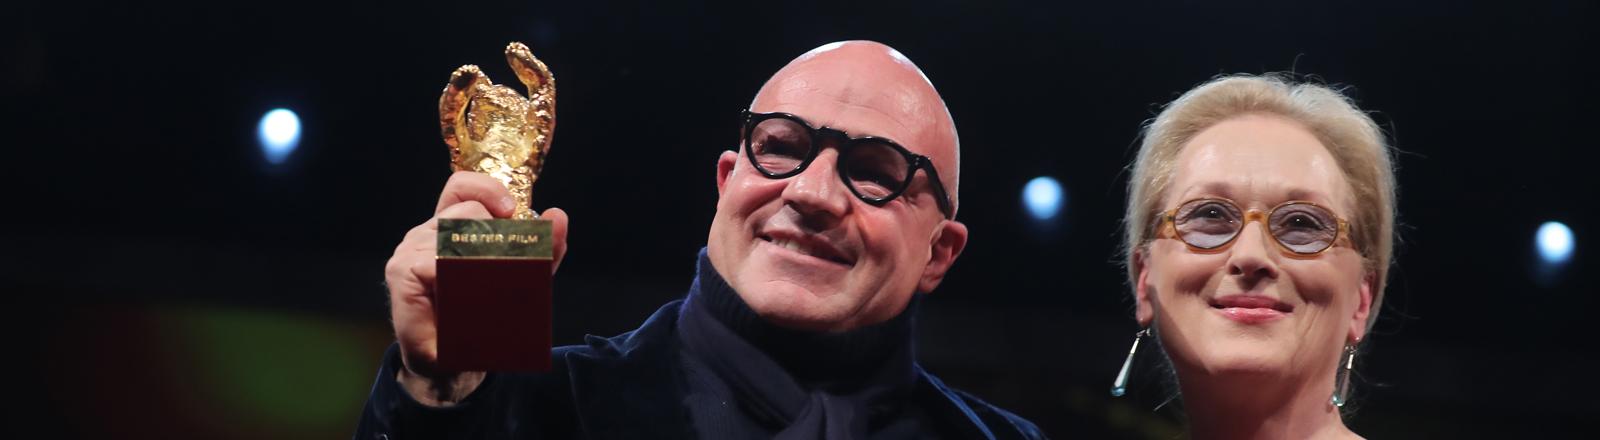 """66. Internationale Filmfestspiele Berlin, 20.02.2016, Abschluss und Preisverleihung: Preisträger Gianfranco Rosi (l) / Goldener Bär für den besten Film für """"Fuocoammare"""" und Meryl Streep."""